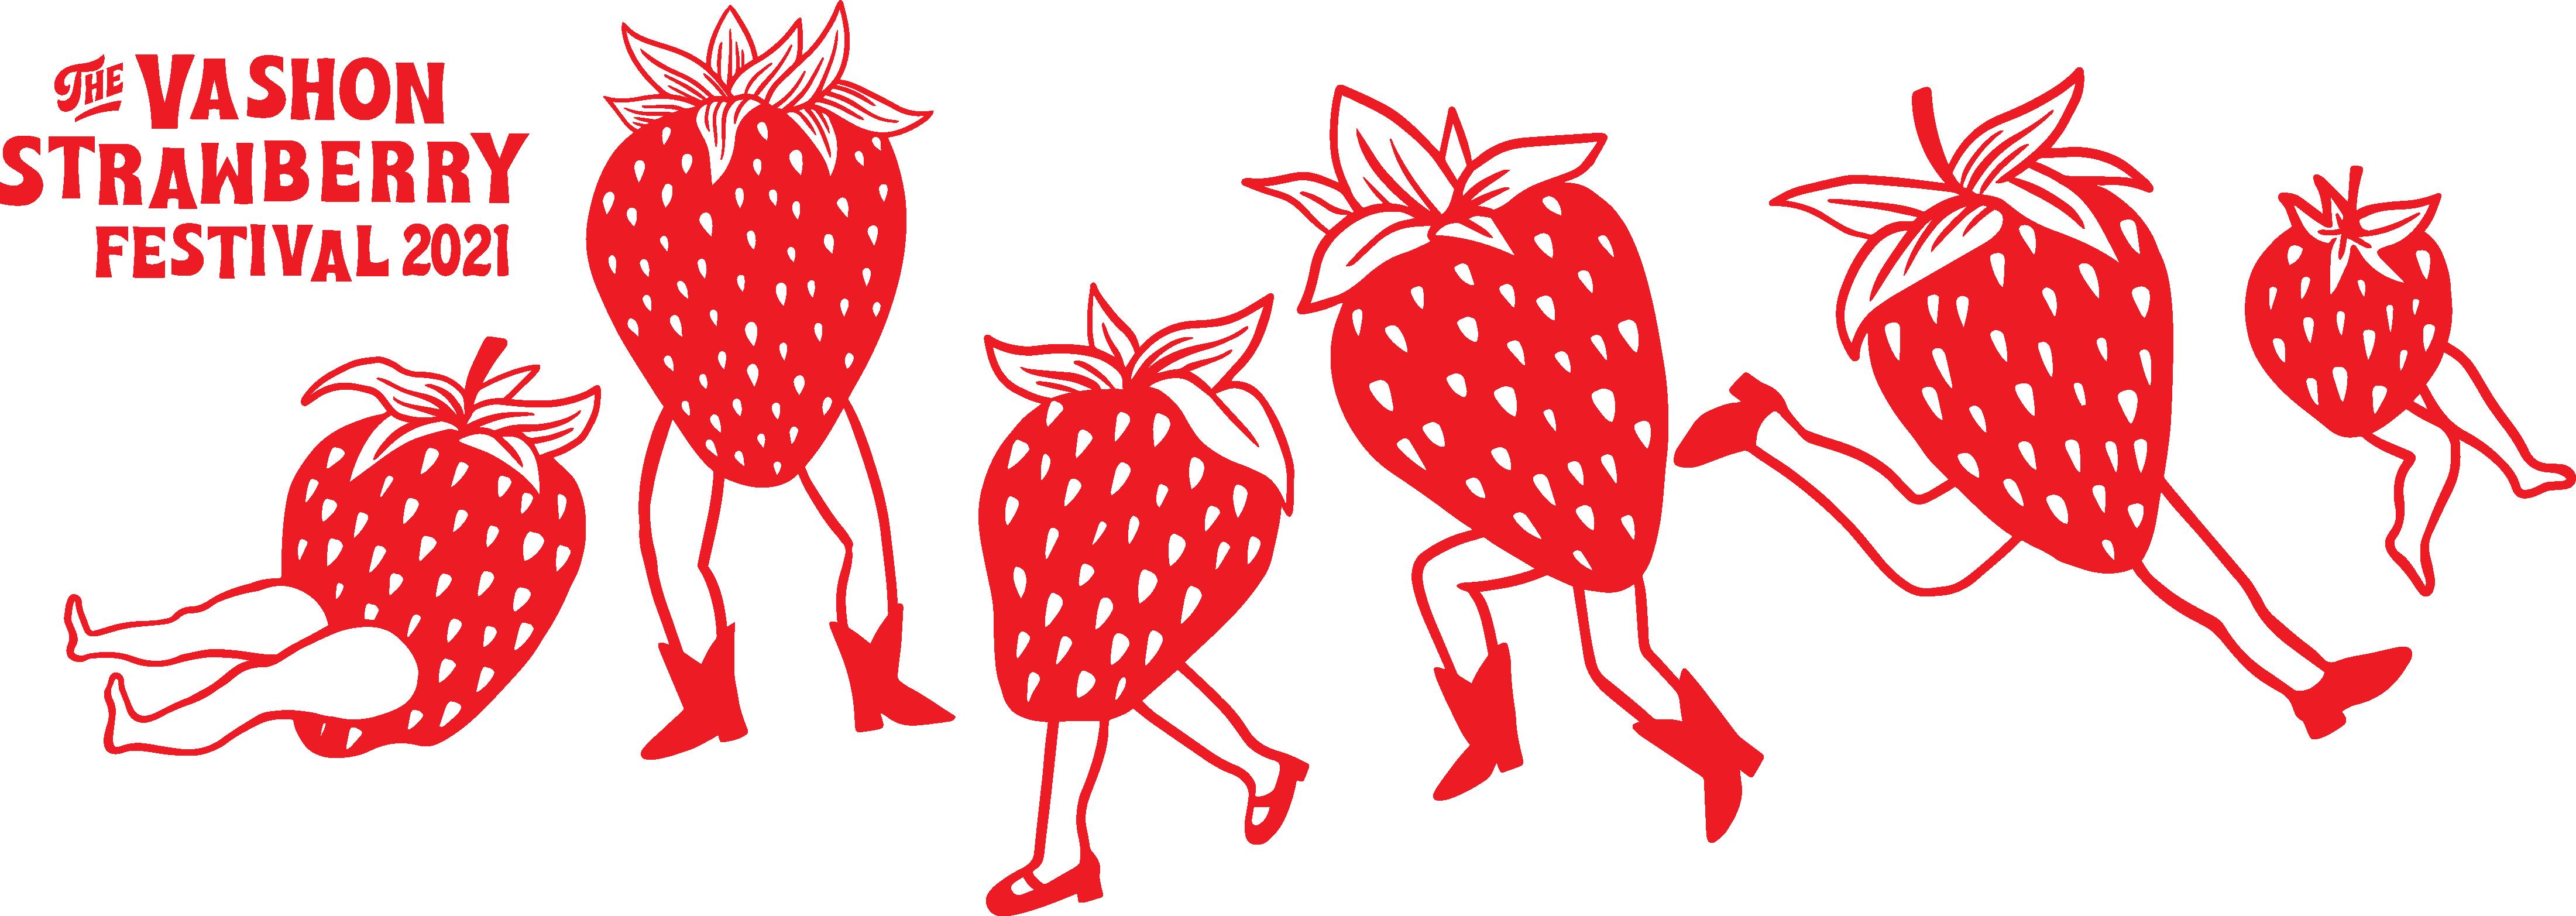 VashonStrawberryFestival_StrawberryParade